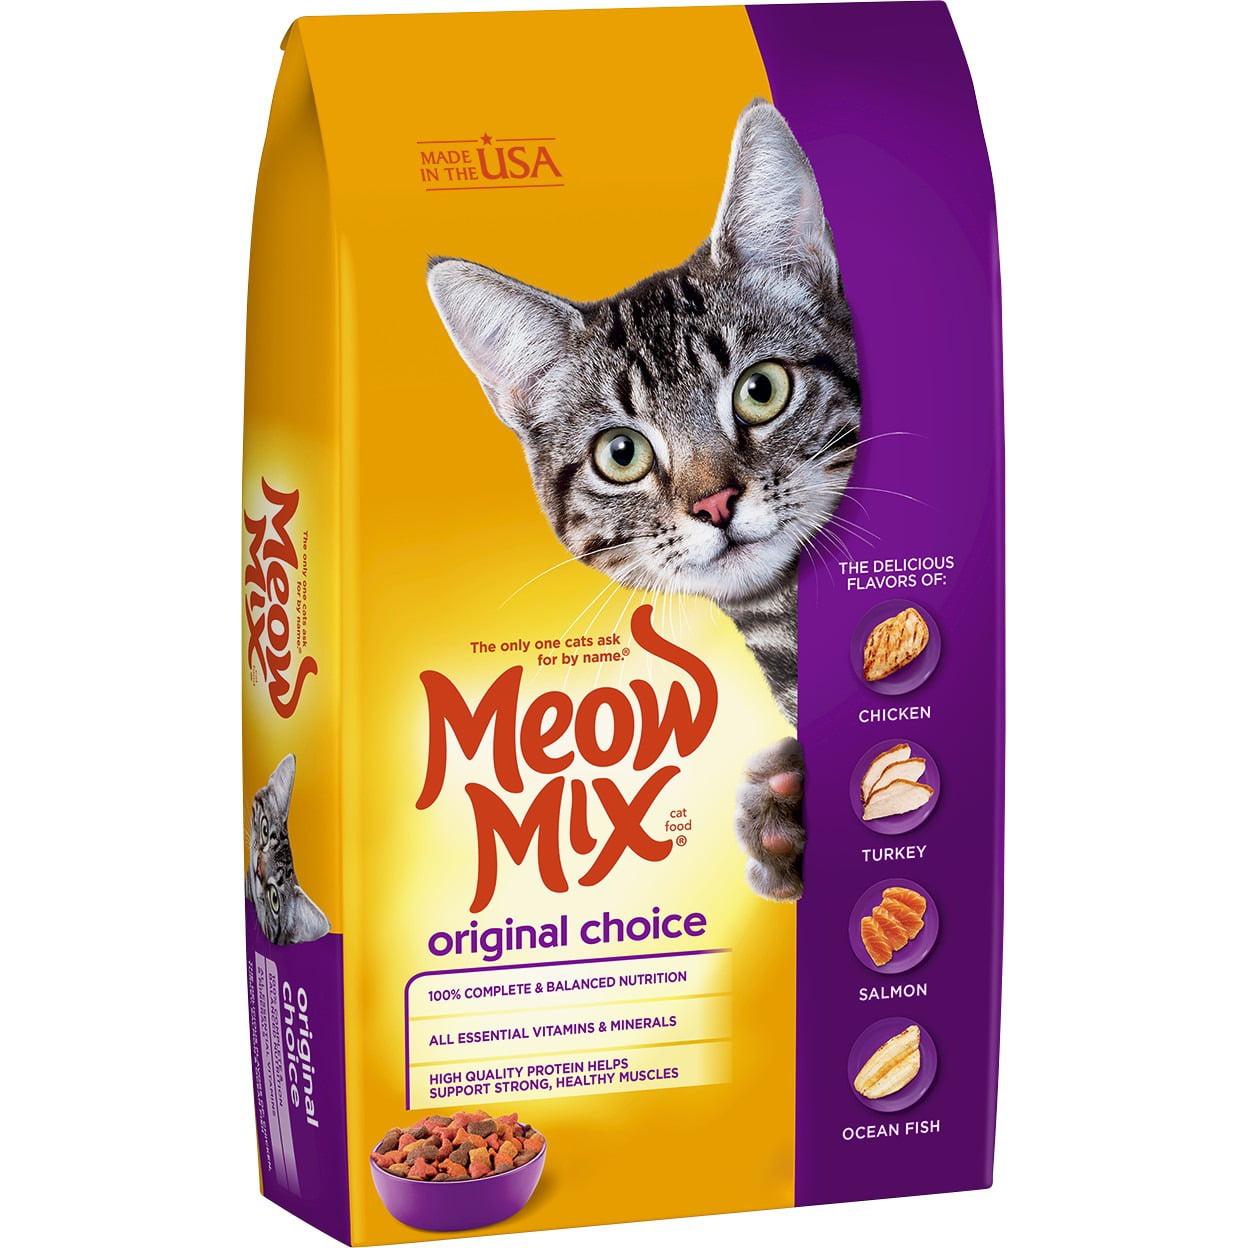 Meow Mix Dry Cat Food Original Choice, 30 Lb